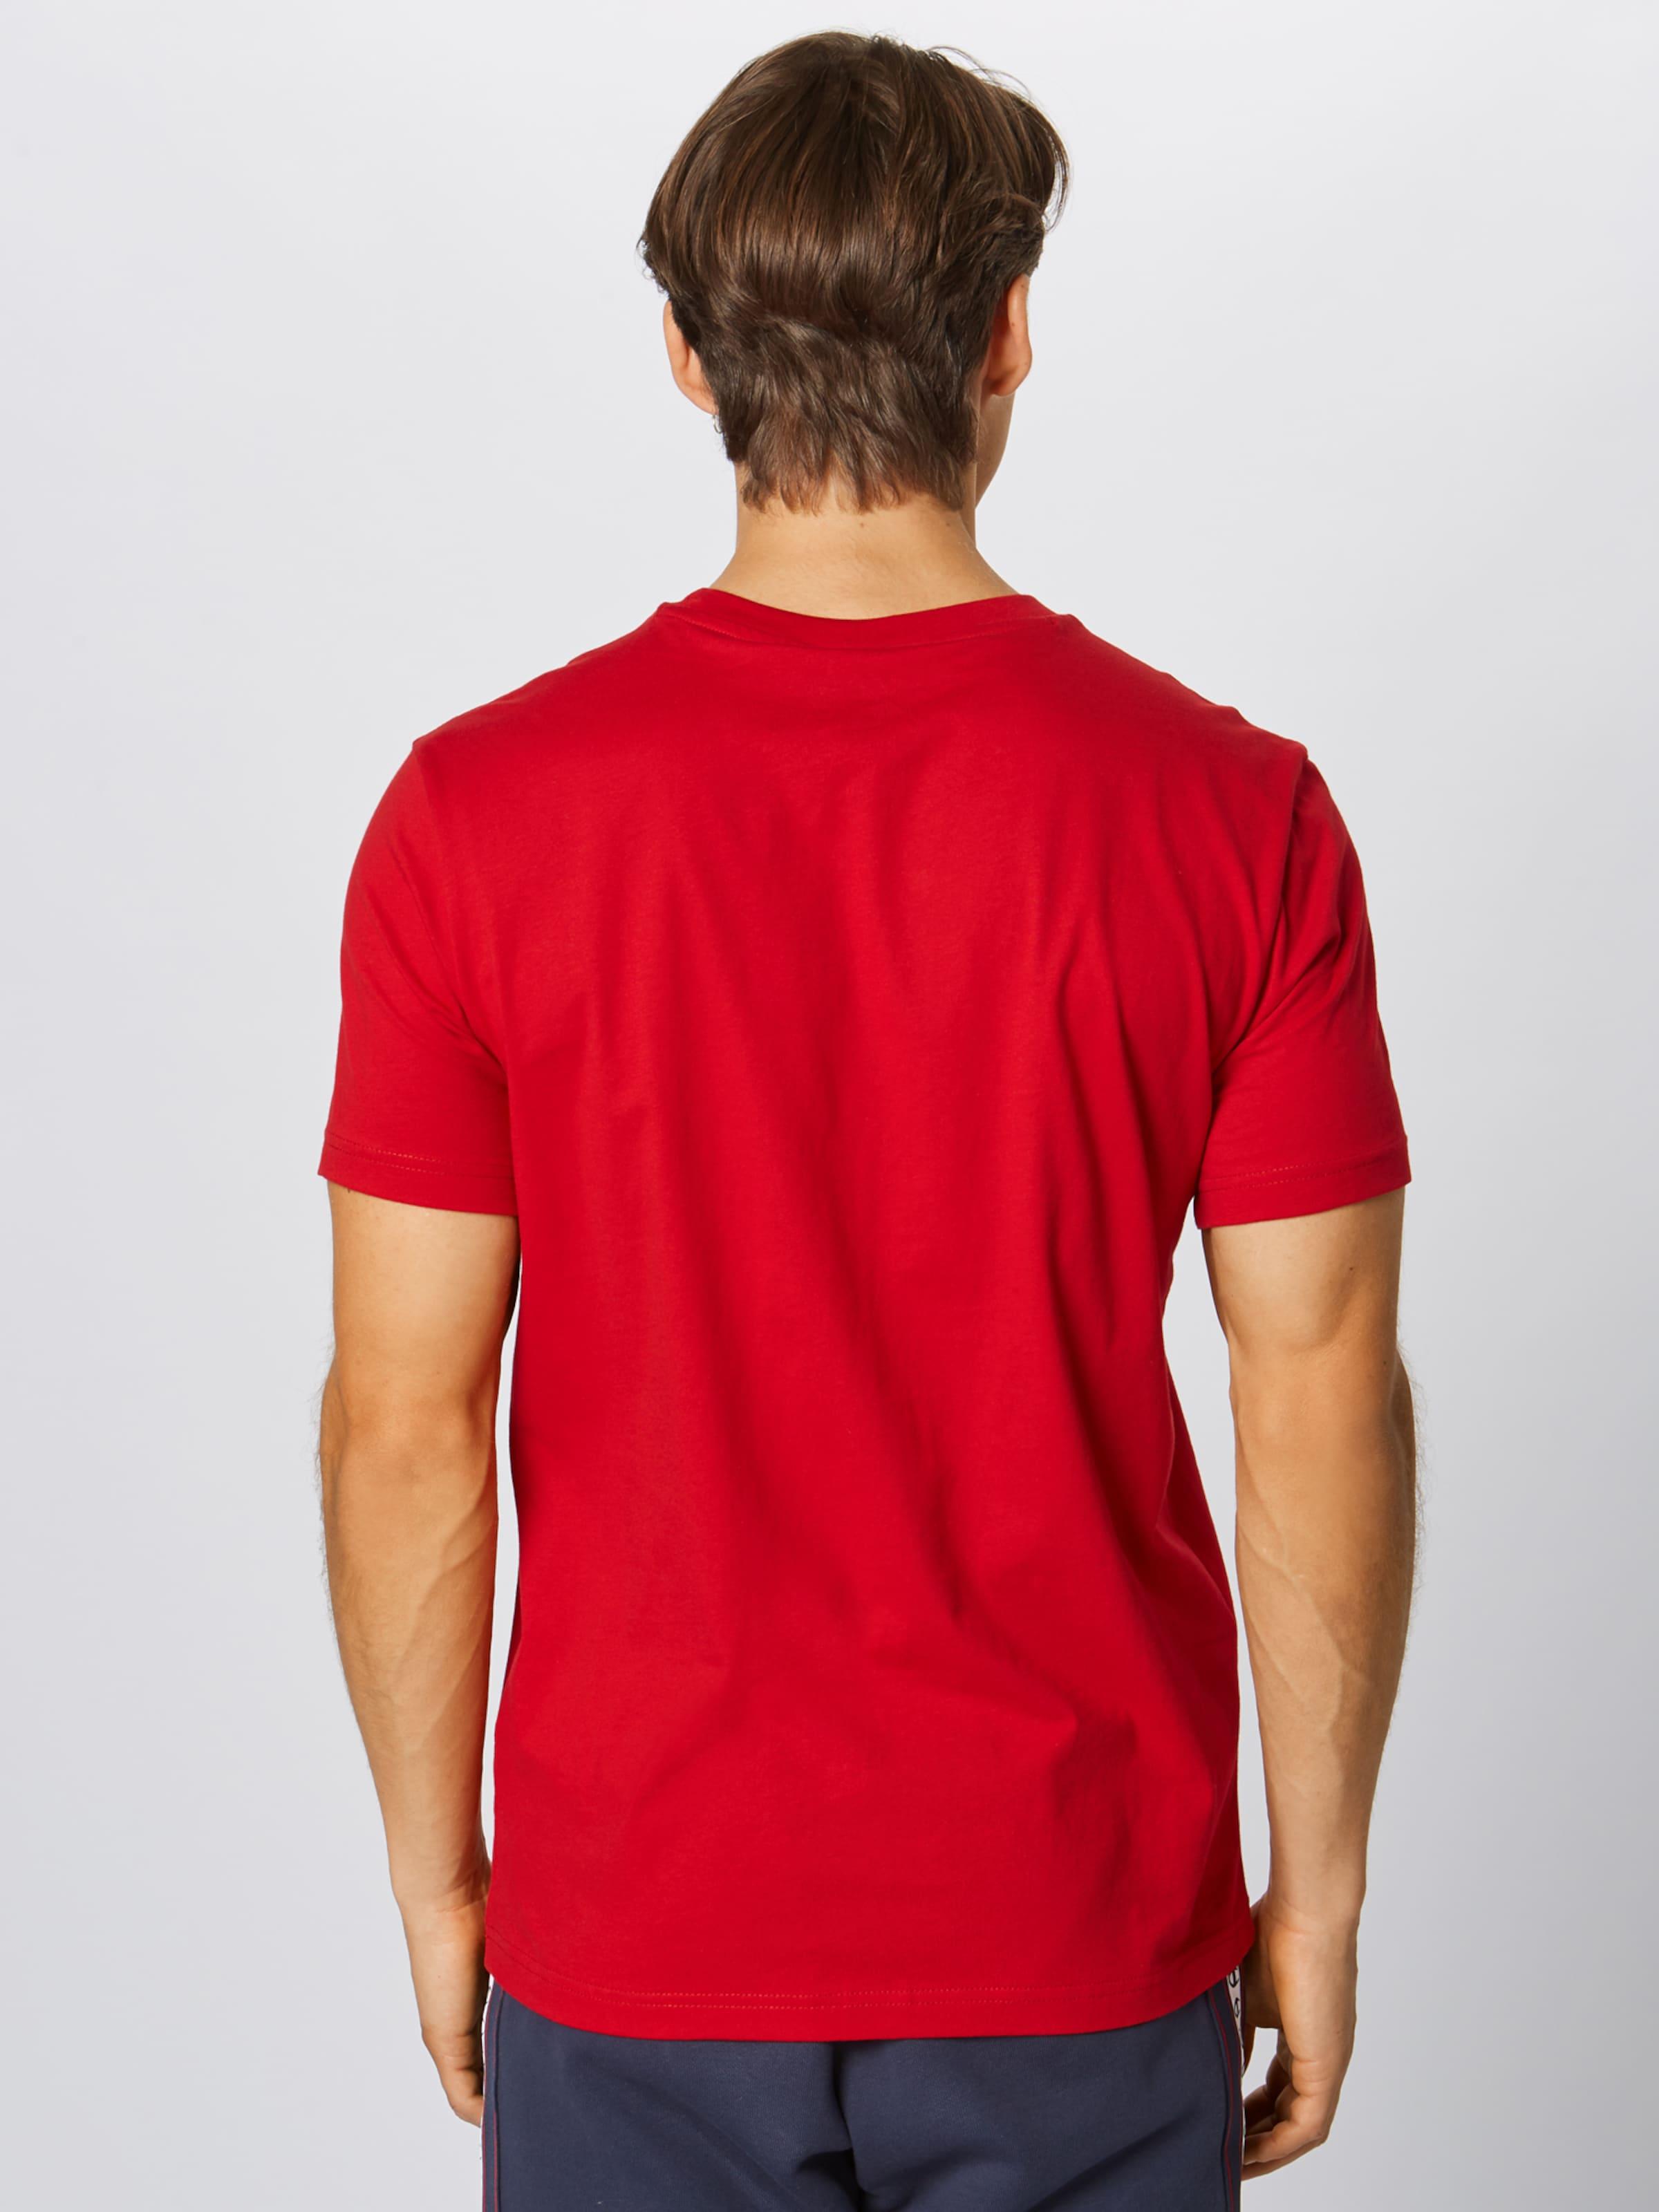 Rouge Vif Authentic Athletic T 'crewneck' shirt Champion En Apparel RL34A5j